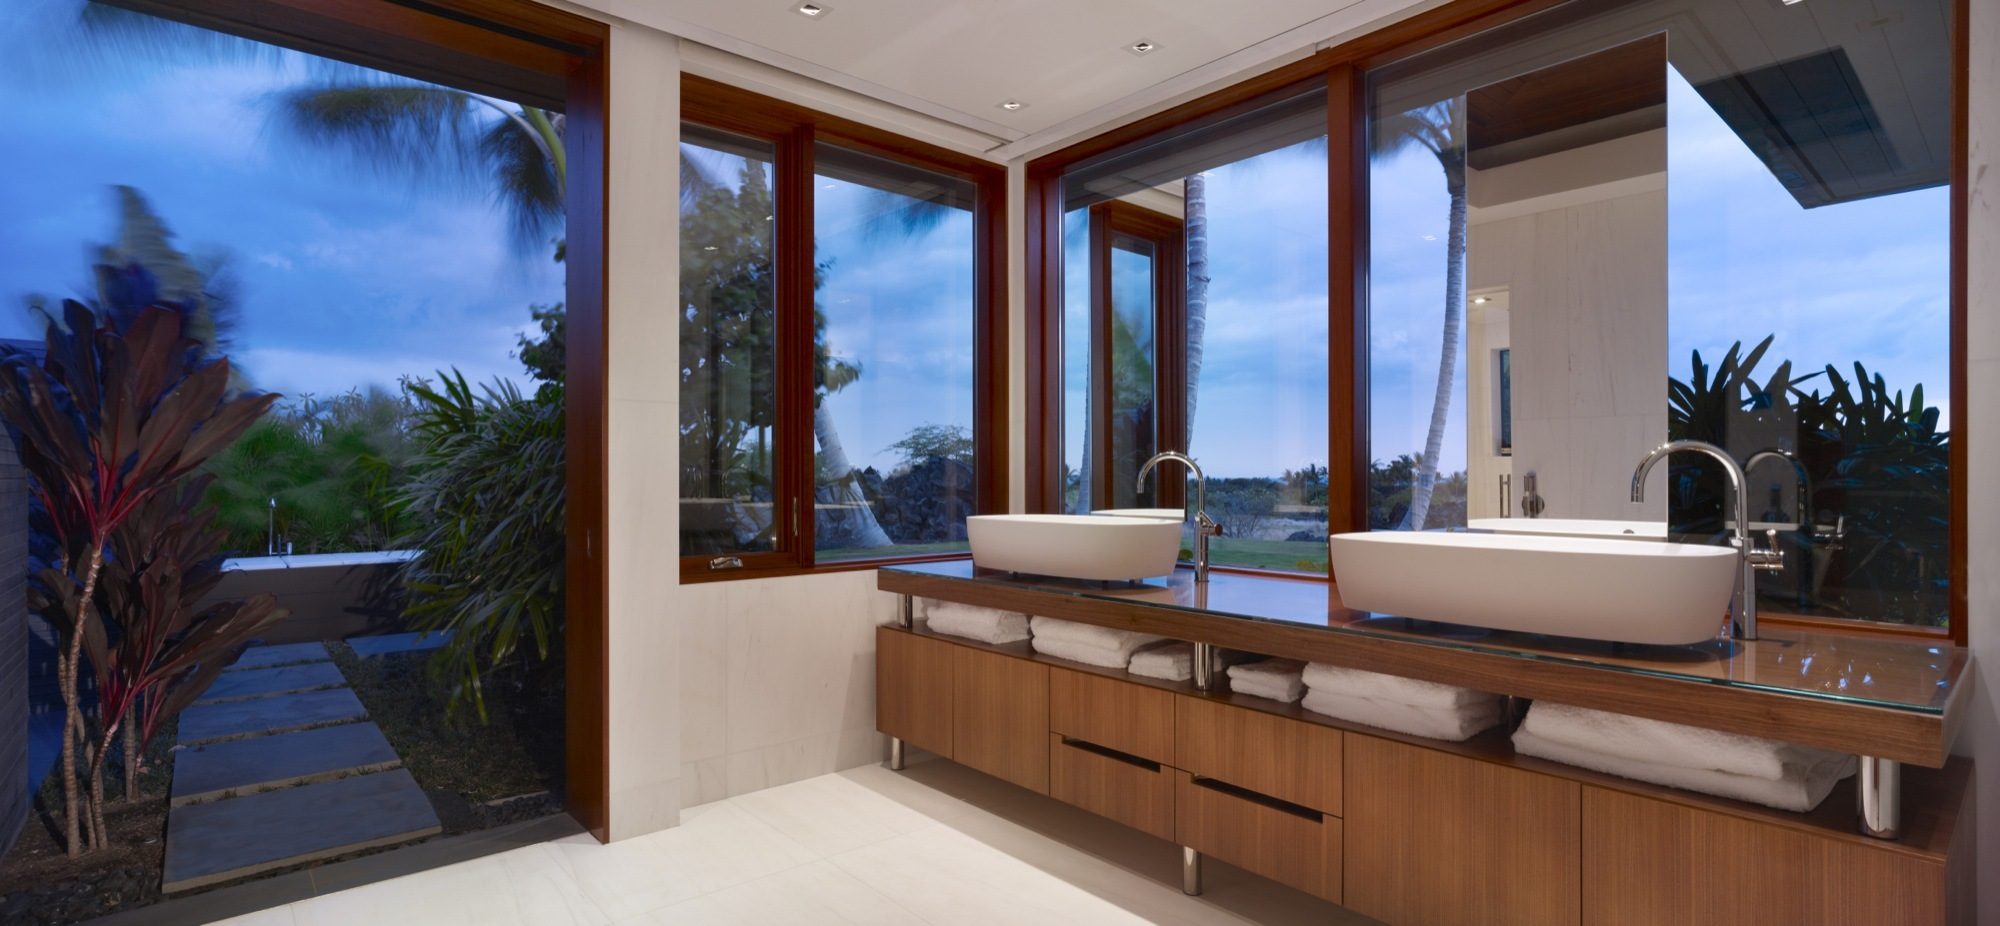 Residence Kona, Belzberg Architects, Hawaï, Salle de bain